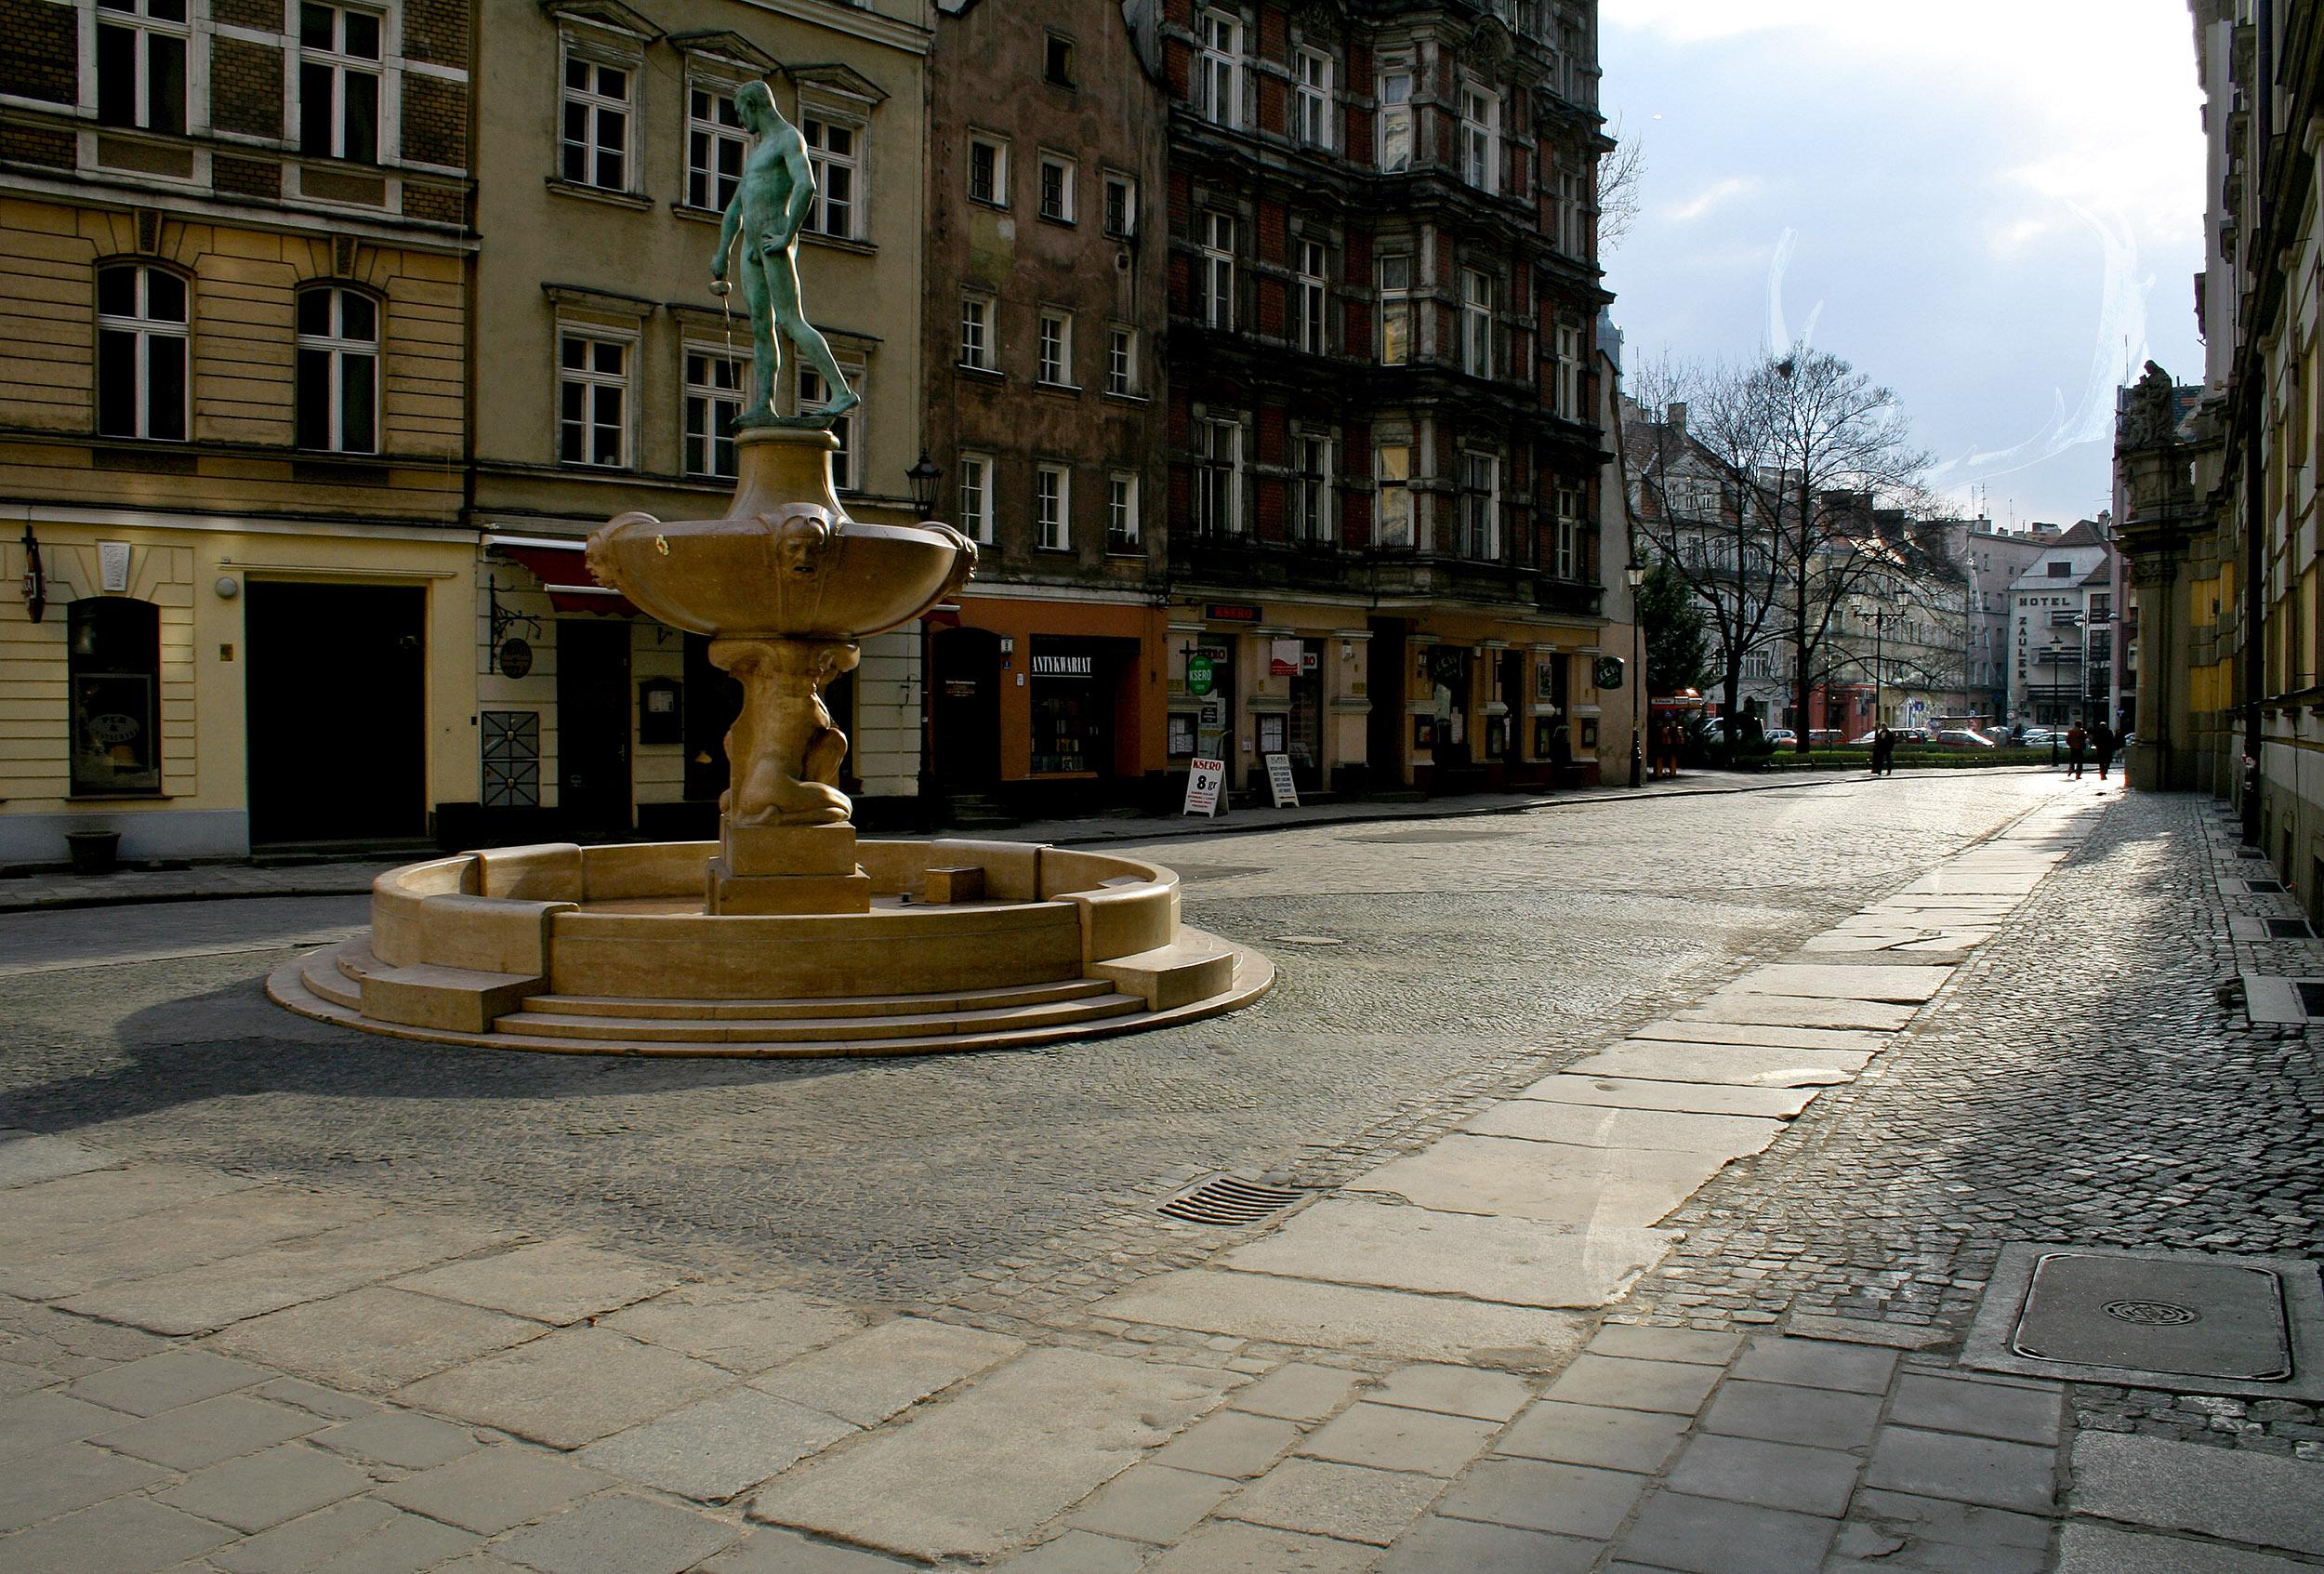 MWD 4; Contest; Street; Fountain; Statue